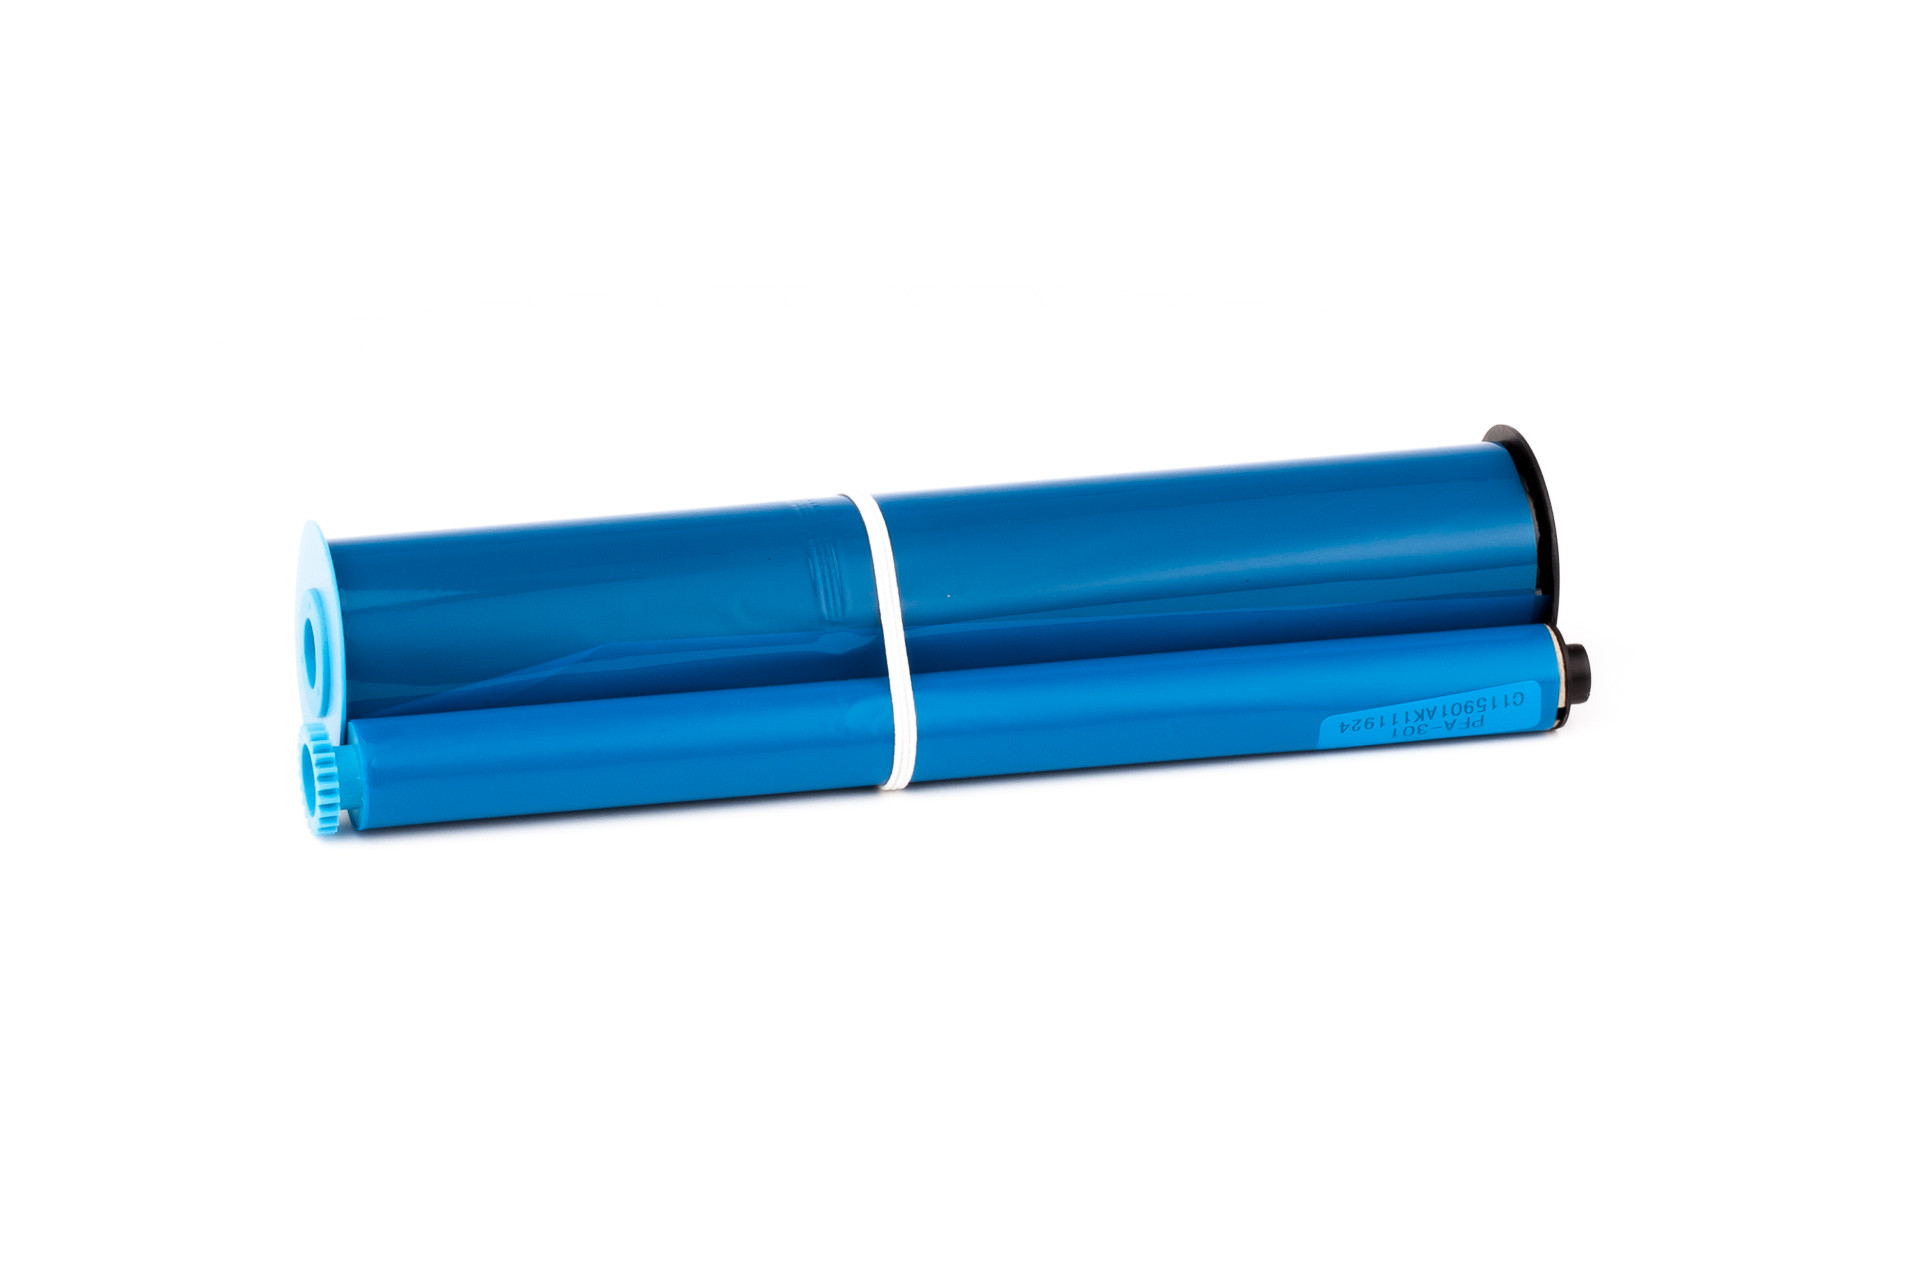 Alternativ-Faxrolle Doppelpack für Philips PFA-301 / 906115301009 (2 Stk.)